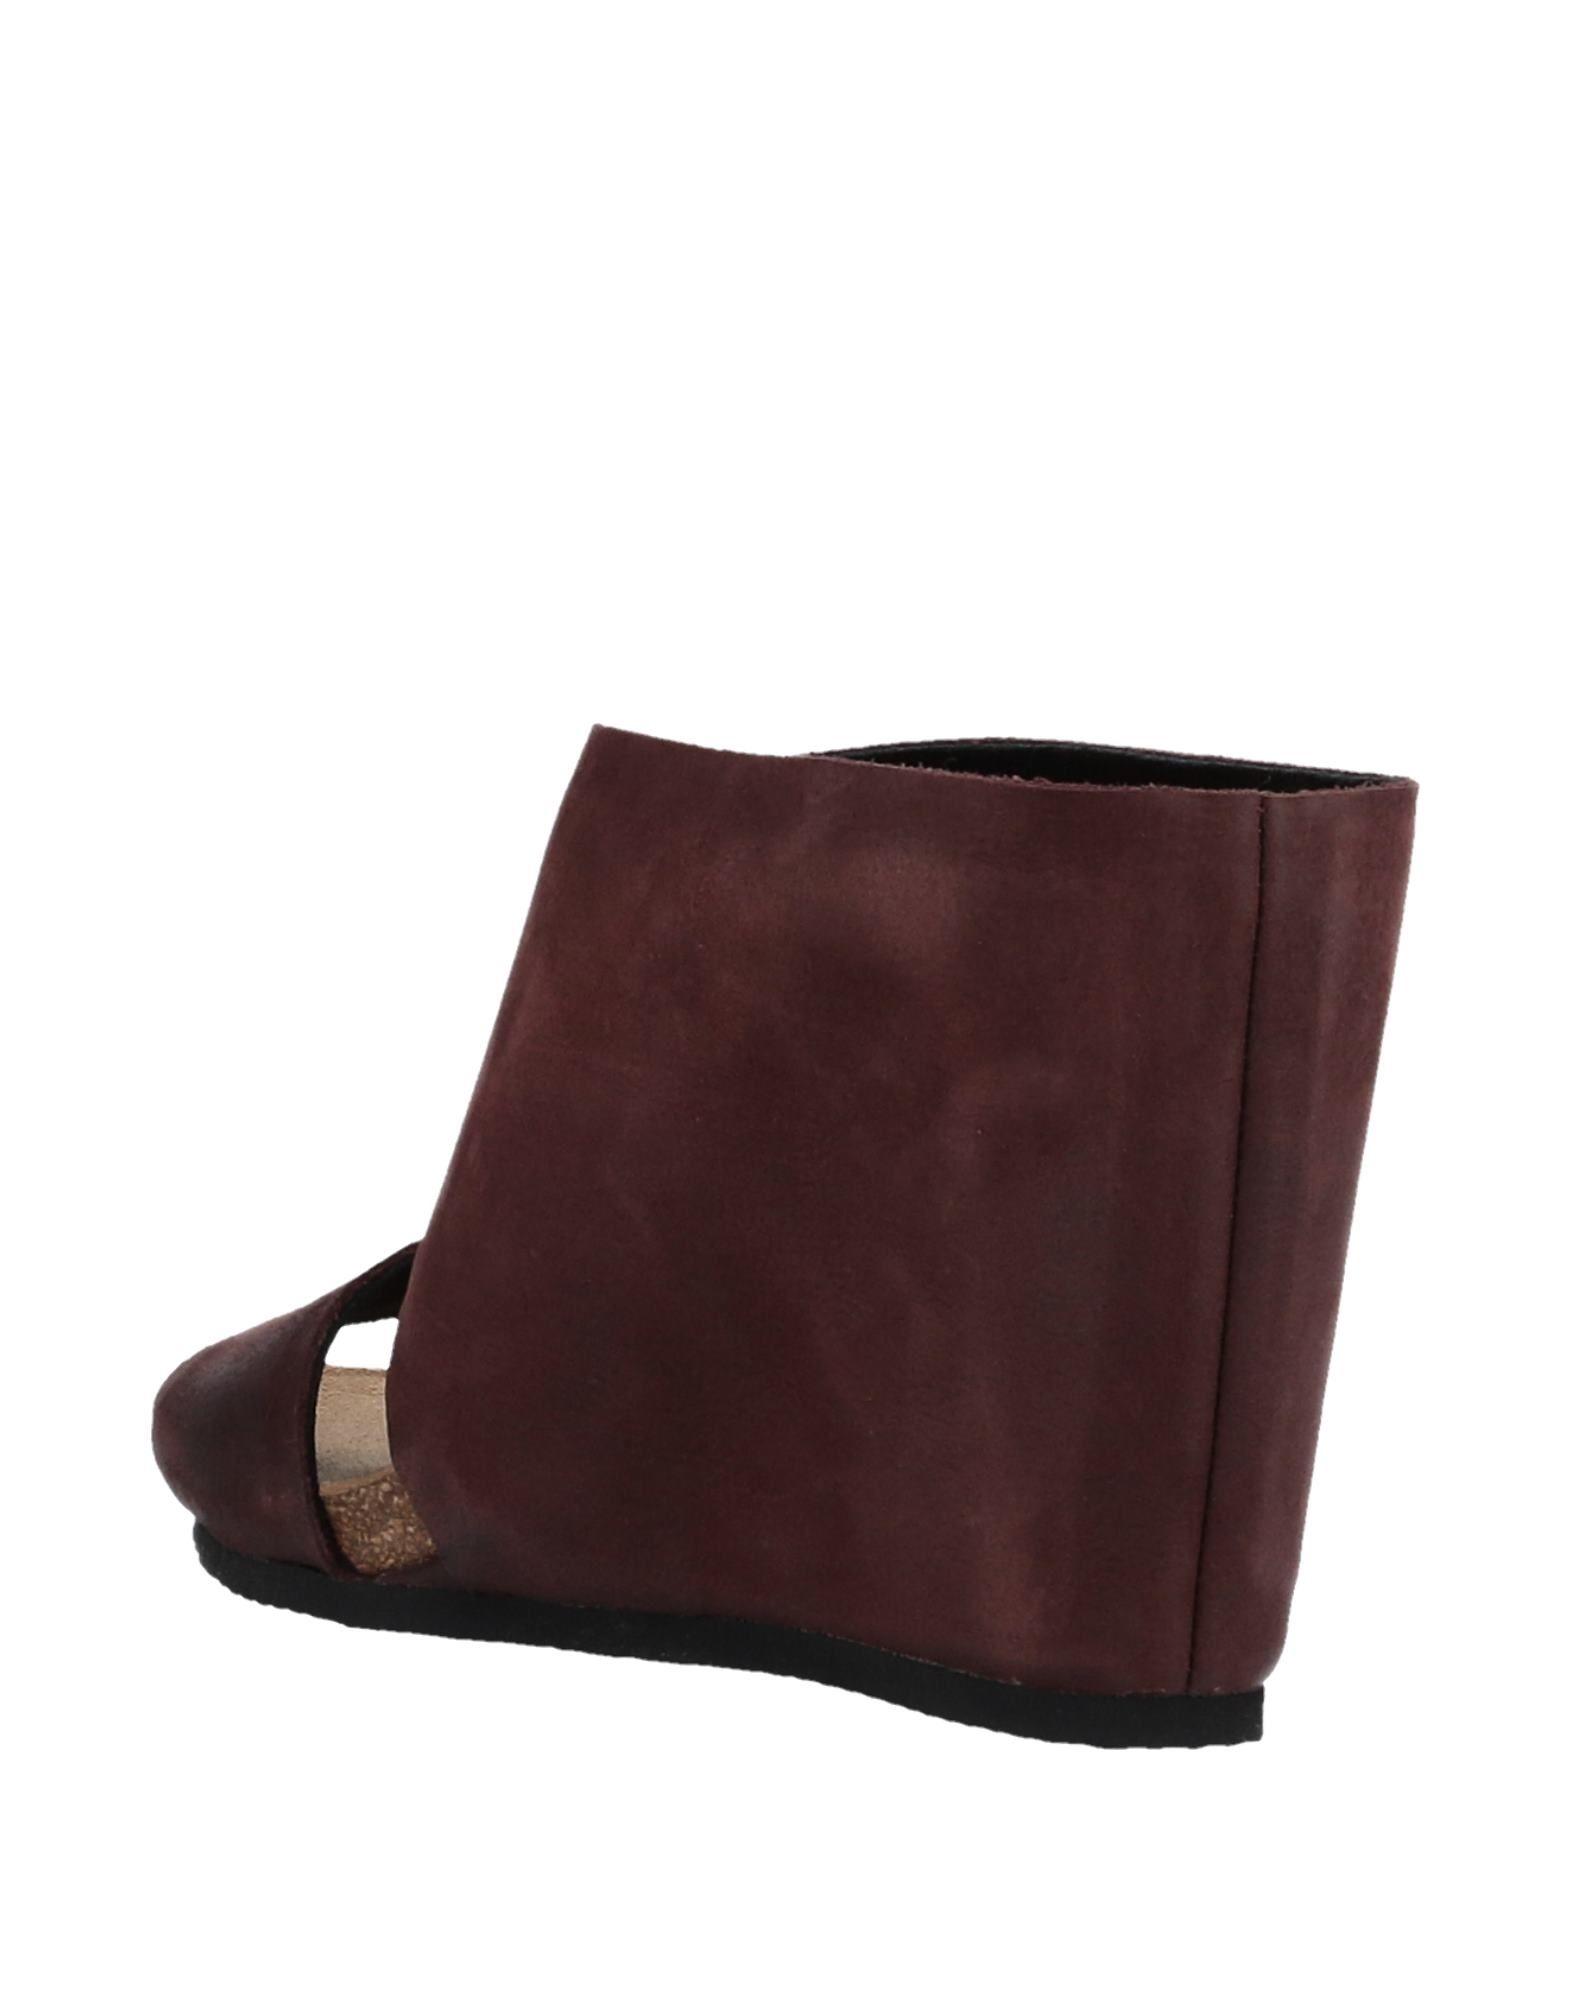 Stilvolle billige Schuhe Damen Peter Non Sandalen Damen Schuhe  11111544DJ 1a2986